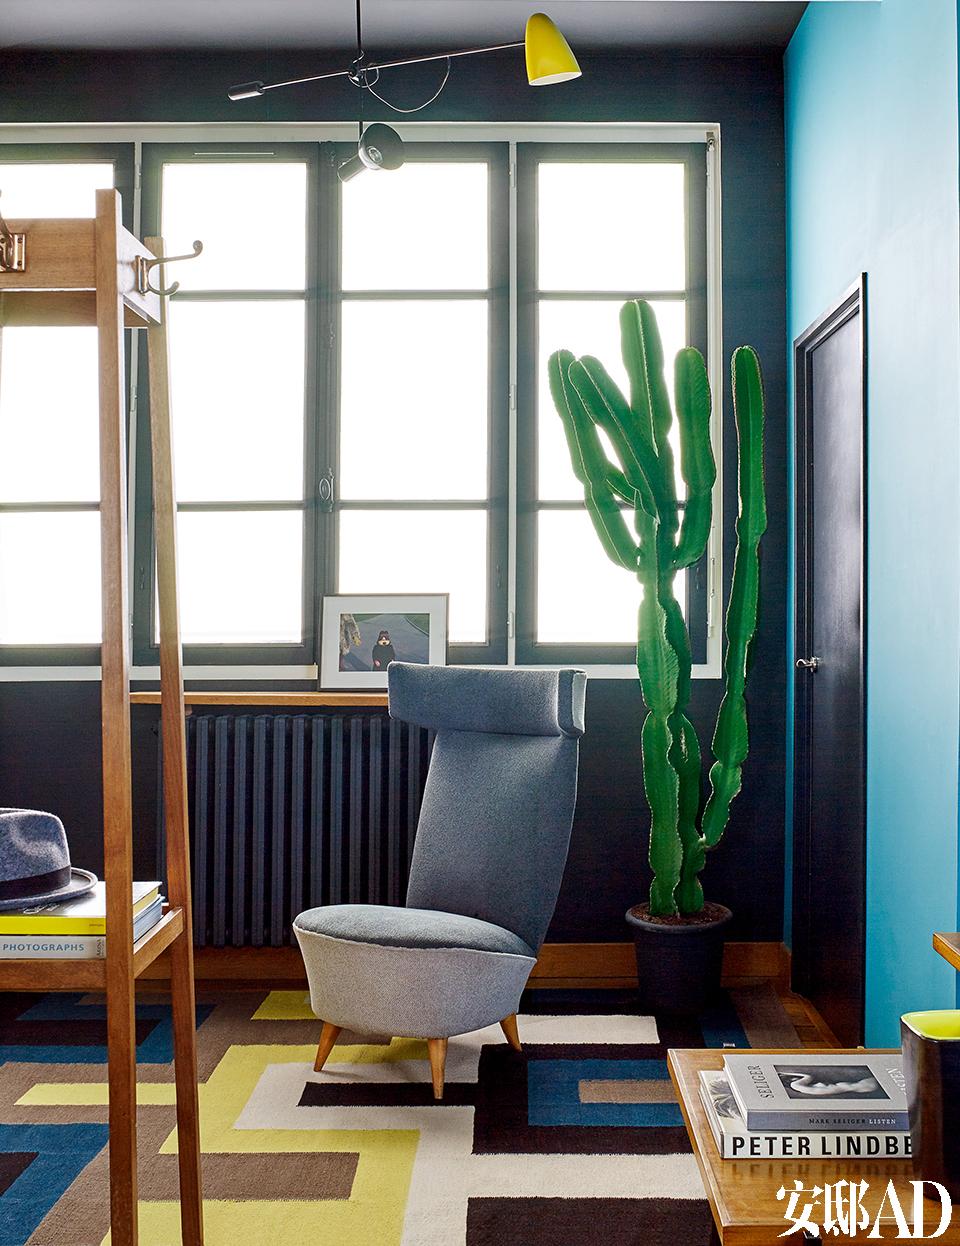 一进门一块几何图案的地毯, 已经让家里的几个主要颜色一一和客人打过招呼,好像明艳的序曲, 迷人又不失礼貌。进门处,20世纪50年代出品的意大利古董矮脚凳摆在玄关正中,旁边竖立着新艺术运动风格的多功能衣架。吊灯来自Jacques Biny,地毯由Lindell & Co出品。